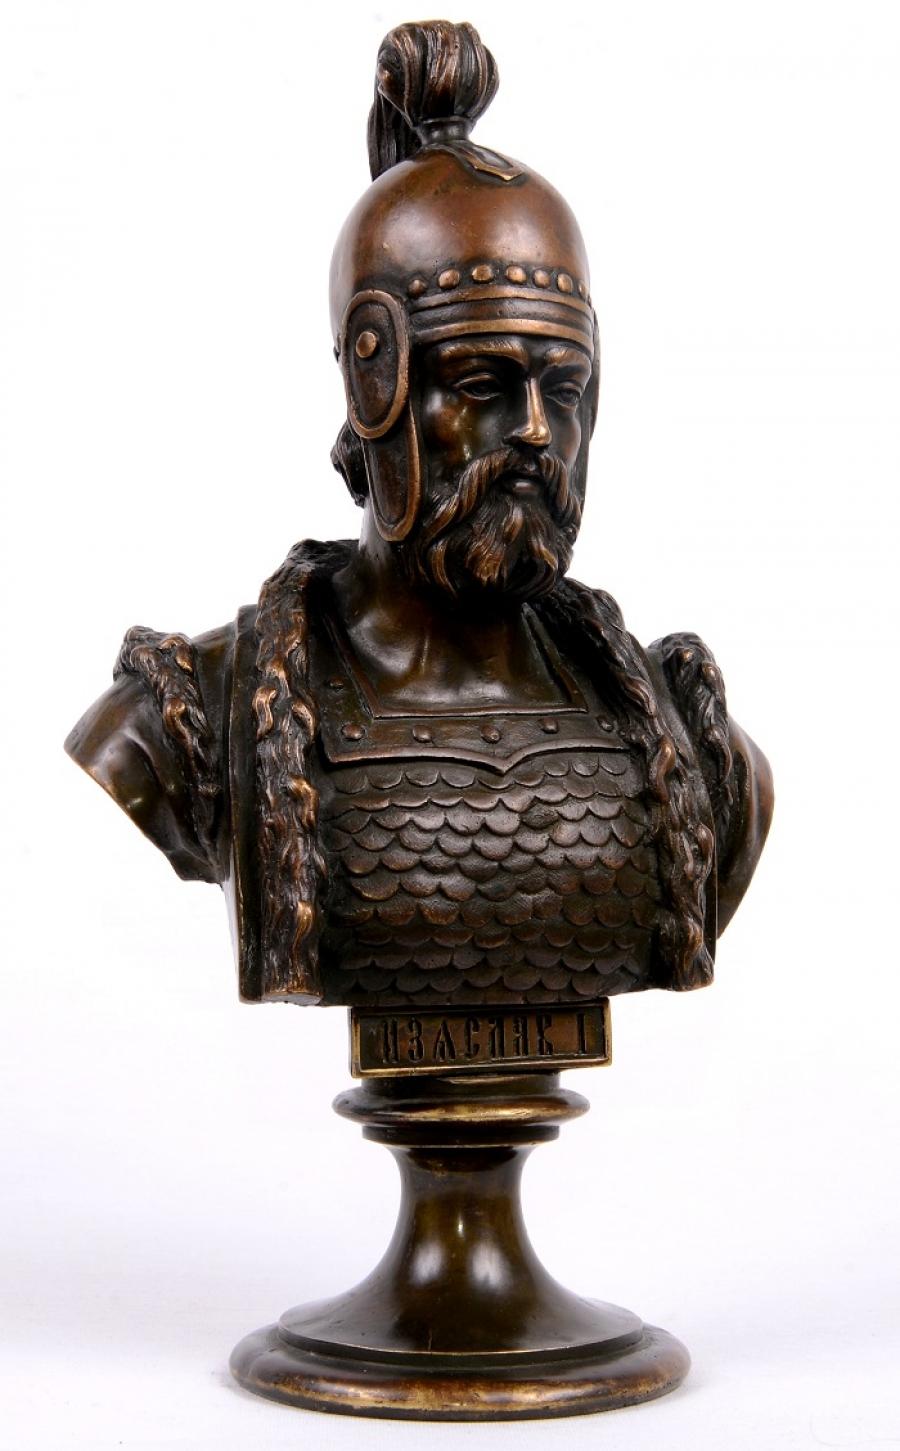 Chopins-bust-gallery - -бронза-бюст-шопен-галлерея-царей